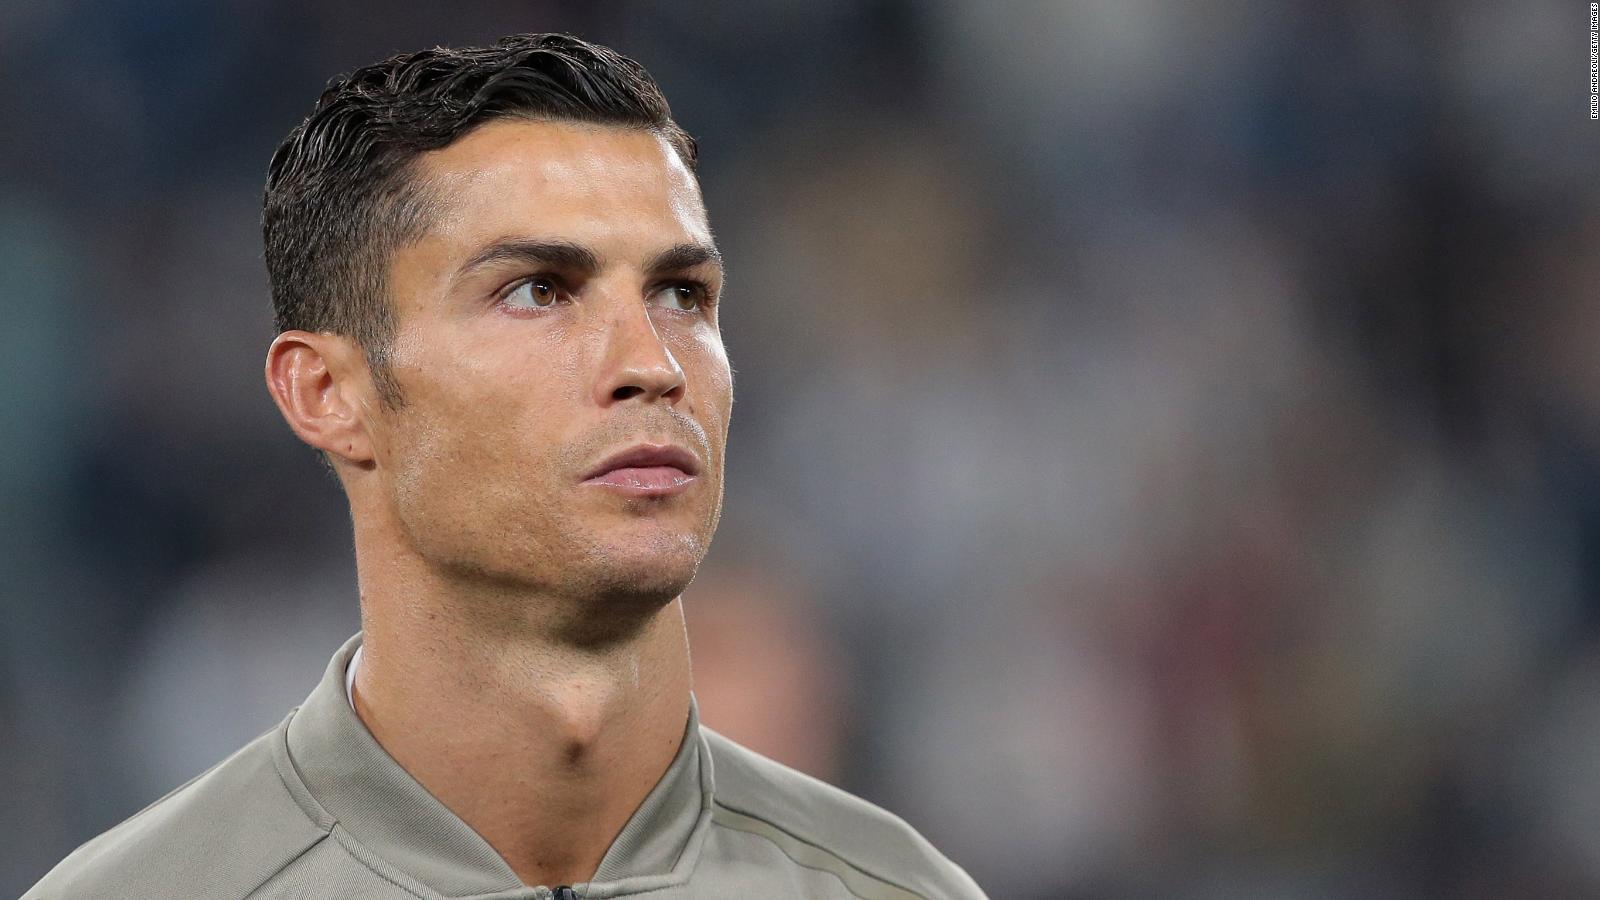 (Bài Tết) - Cristiano Ronaldo: Năm 2018 đánh dấu một năm được nhiều hơn mất - Ảnh 4.